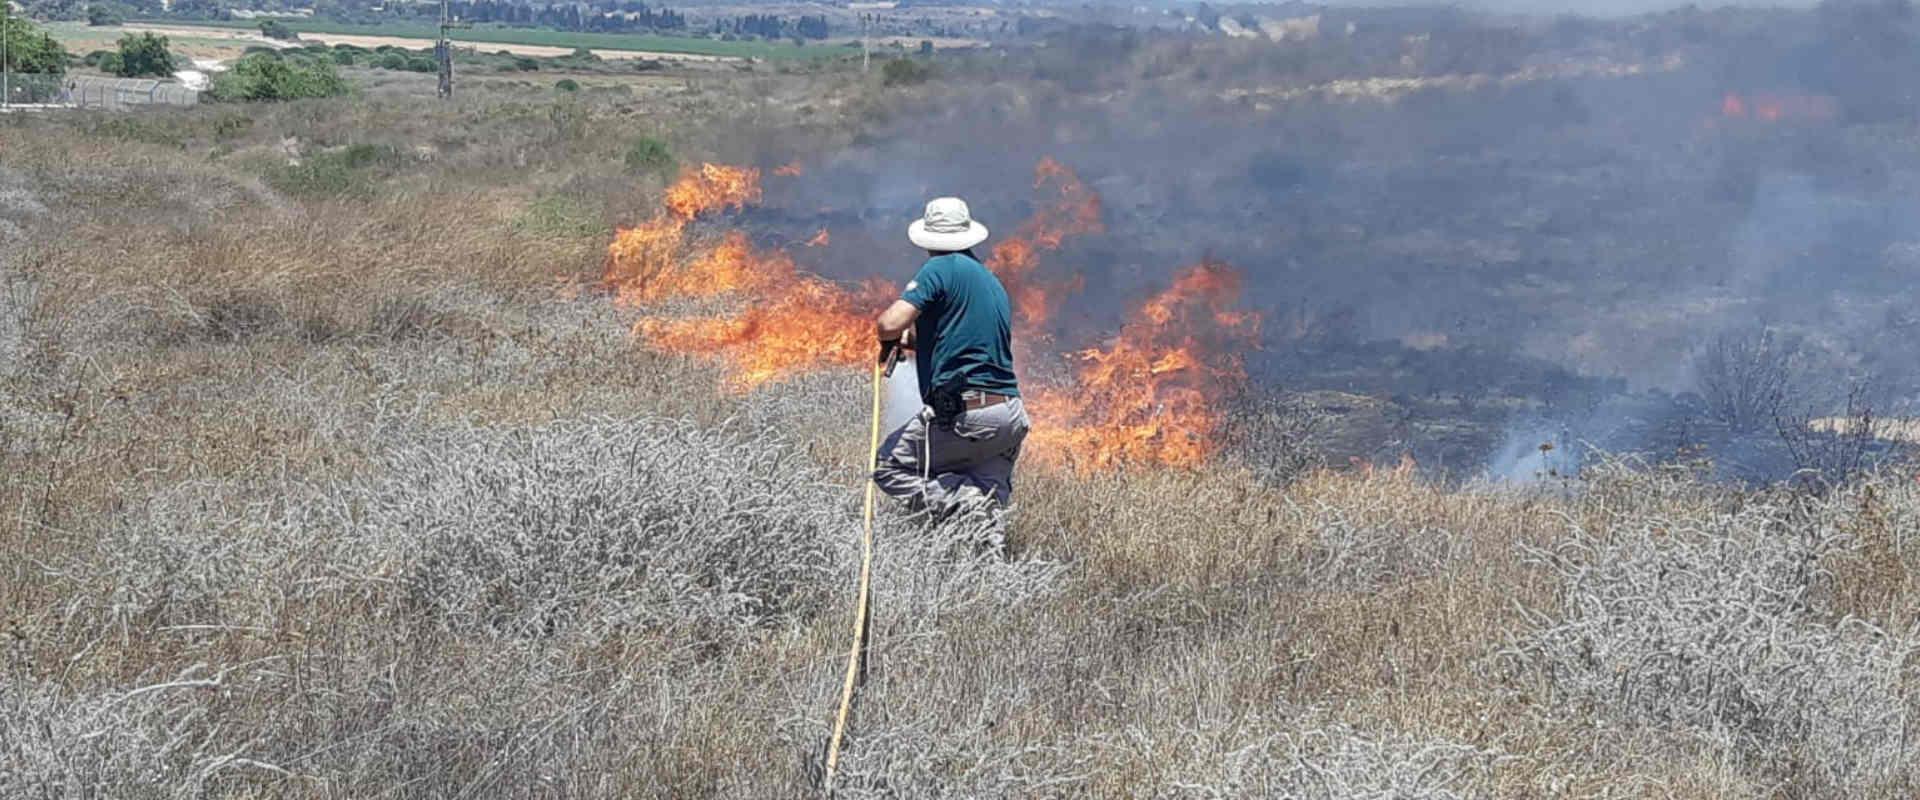 שריפה בשמורת ניר-עם